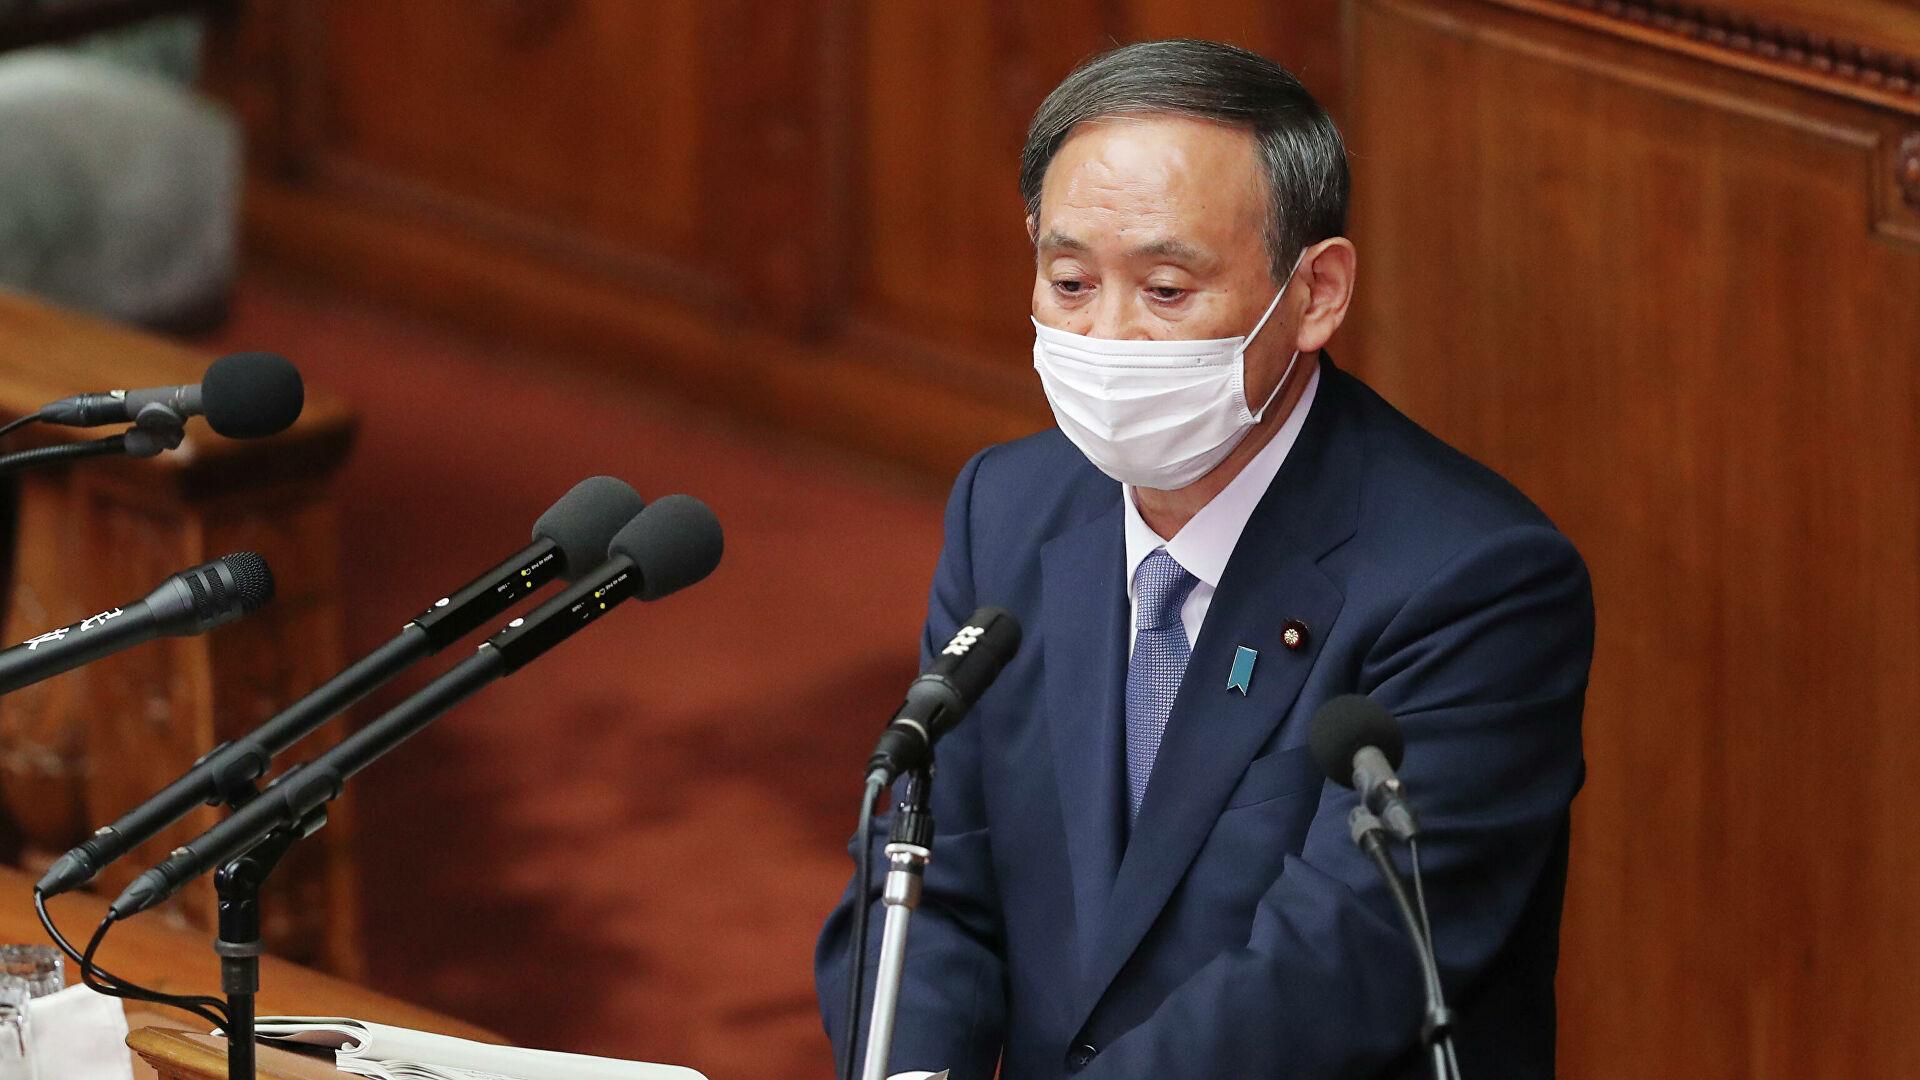 Премьер Японии попросил у Pfizer дополнительные поставки вакцины от COVID-19